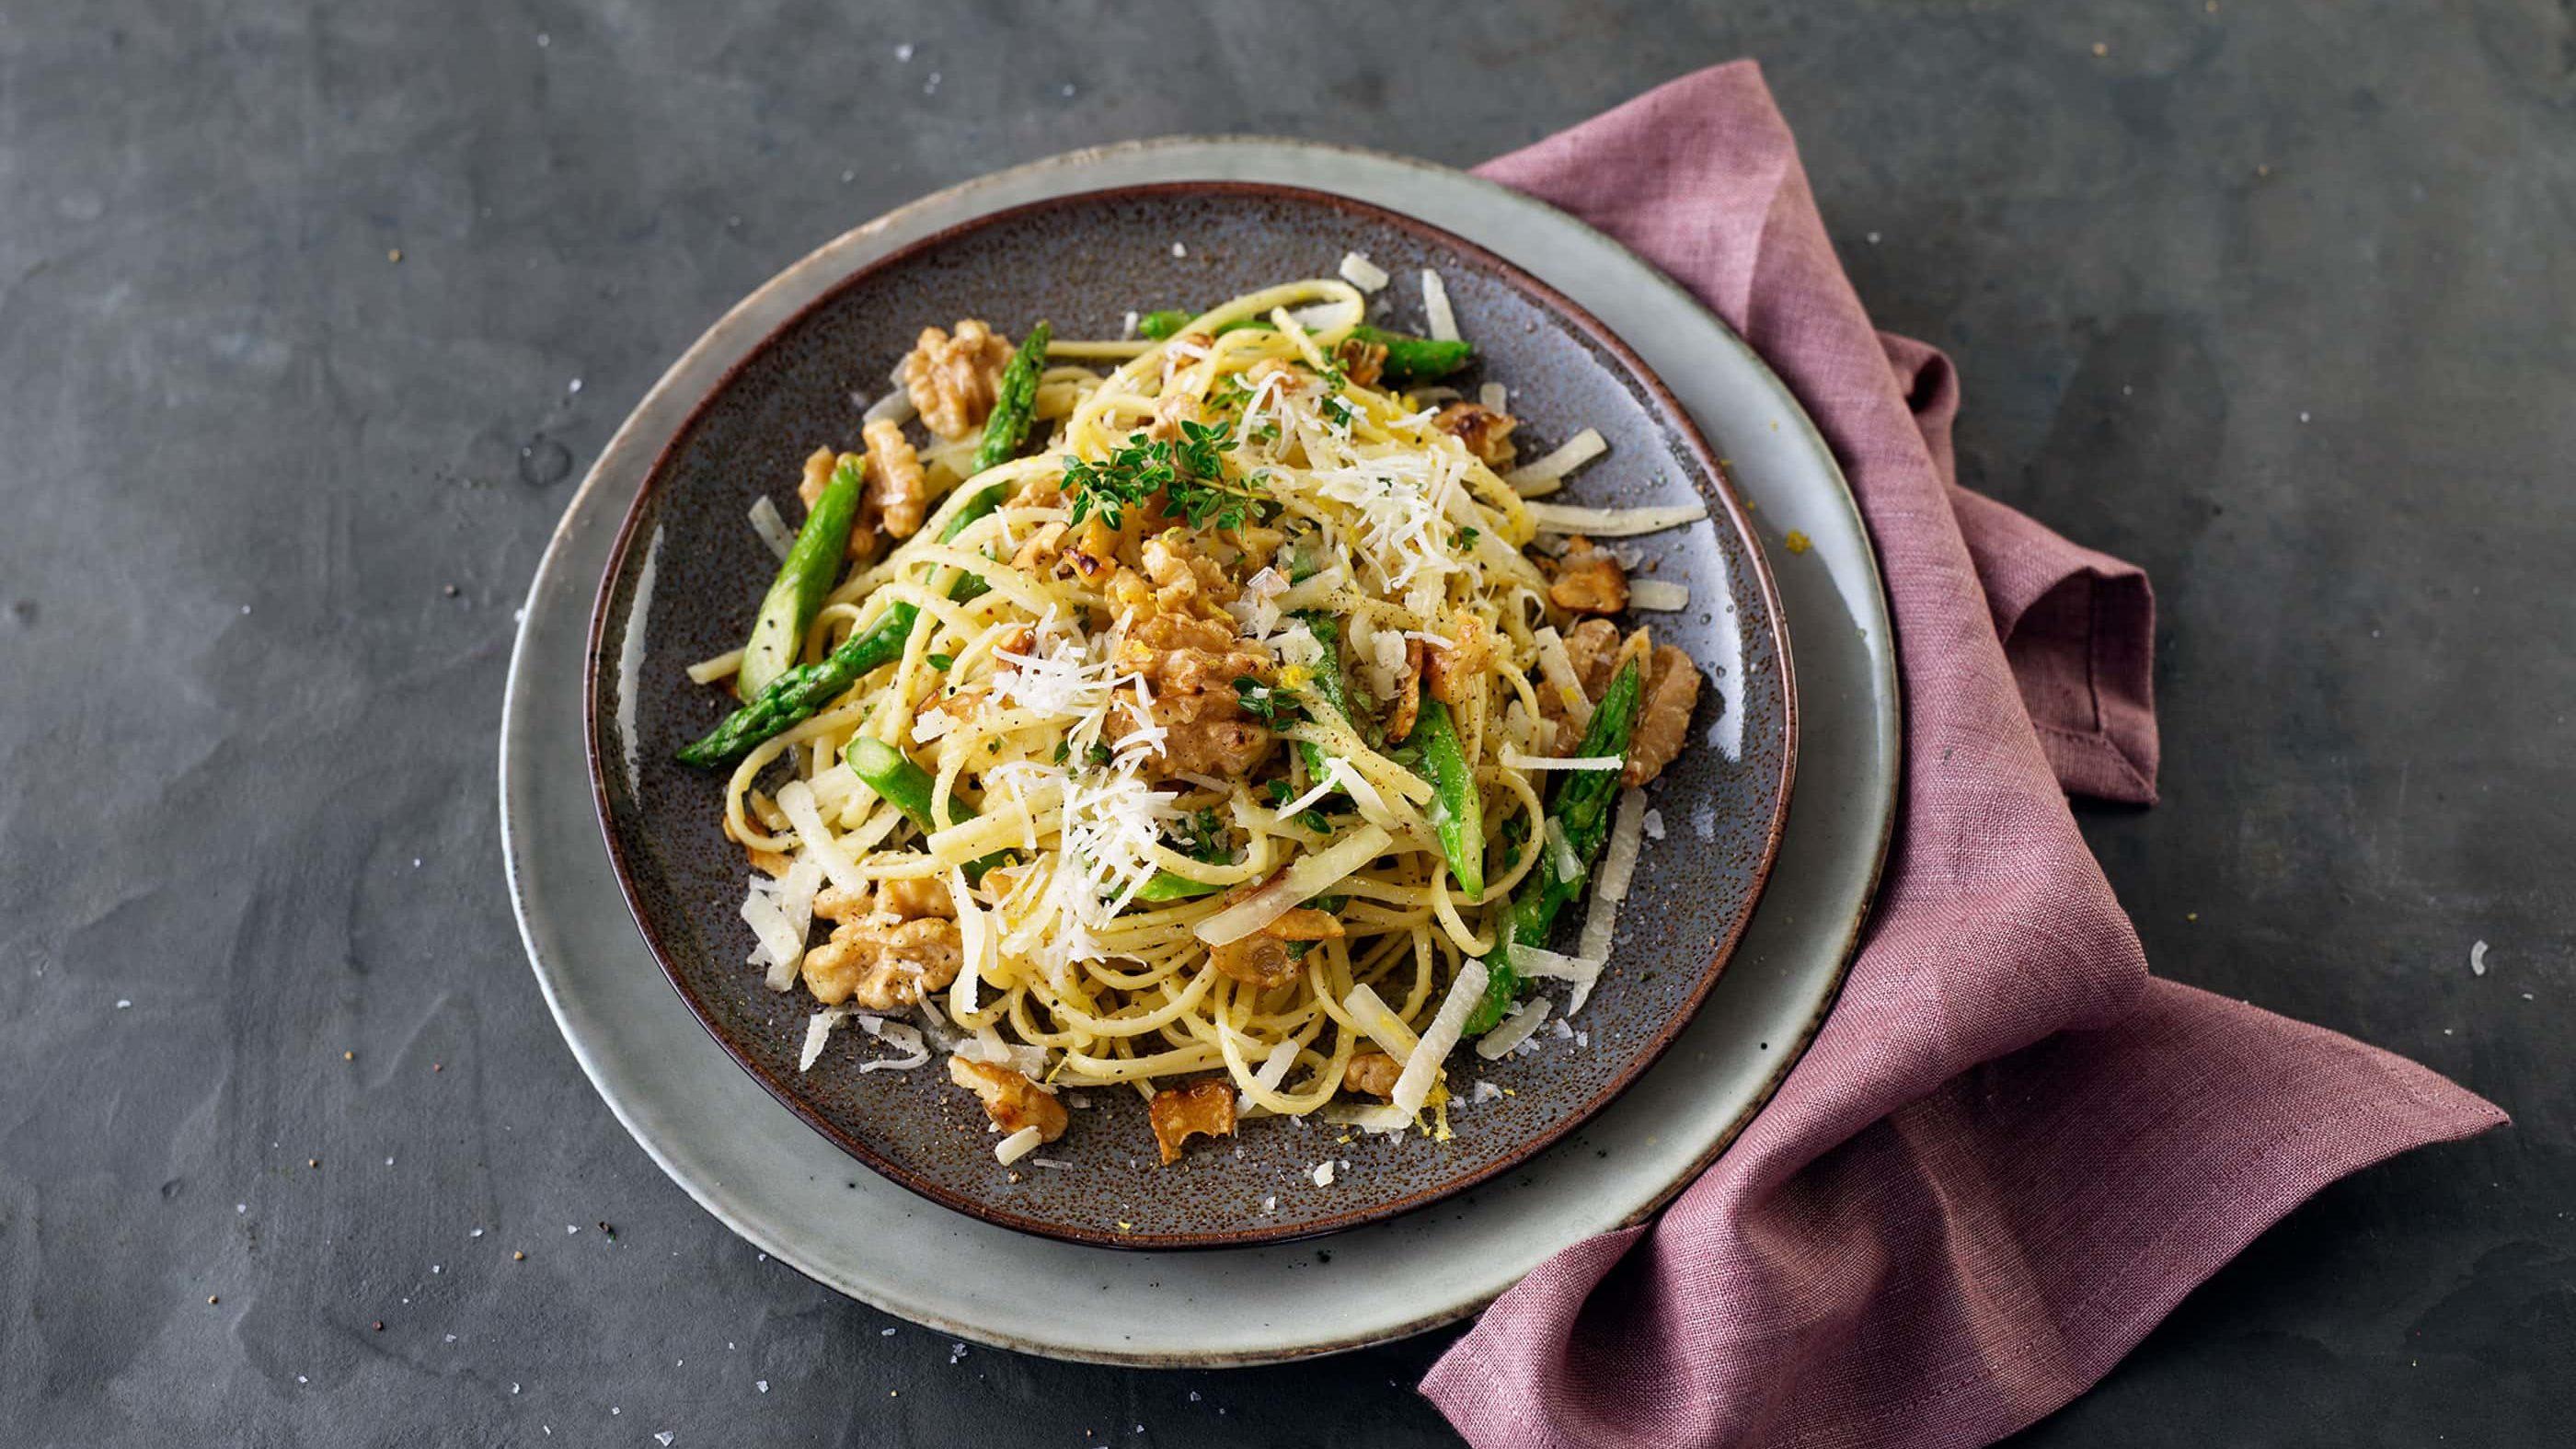 Nudeln mit grünem Spargel, Walnüssen und Parmesan